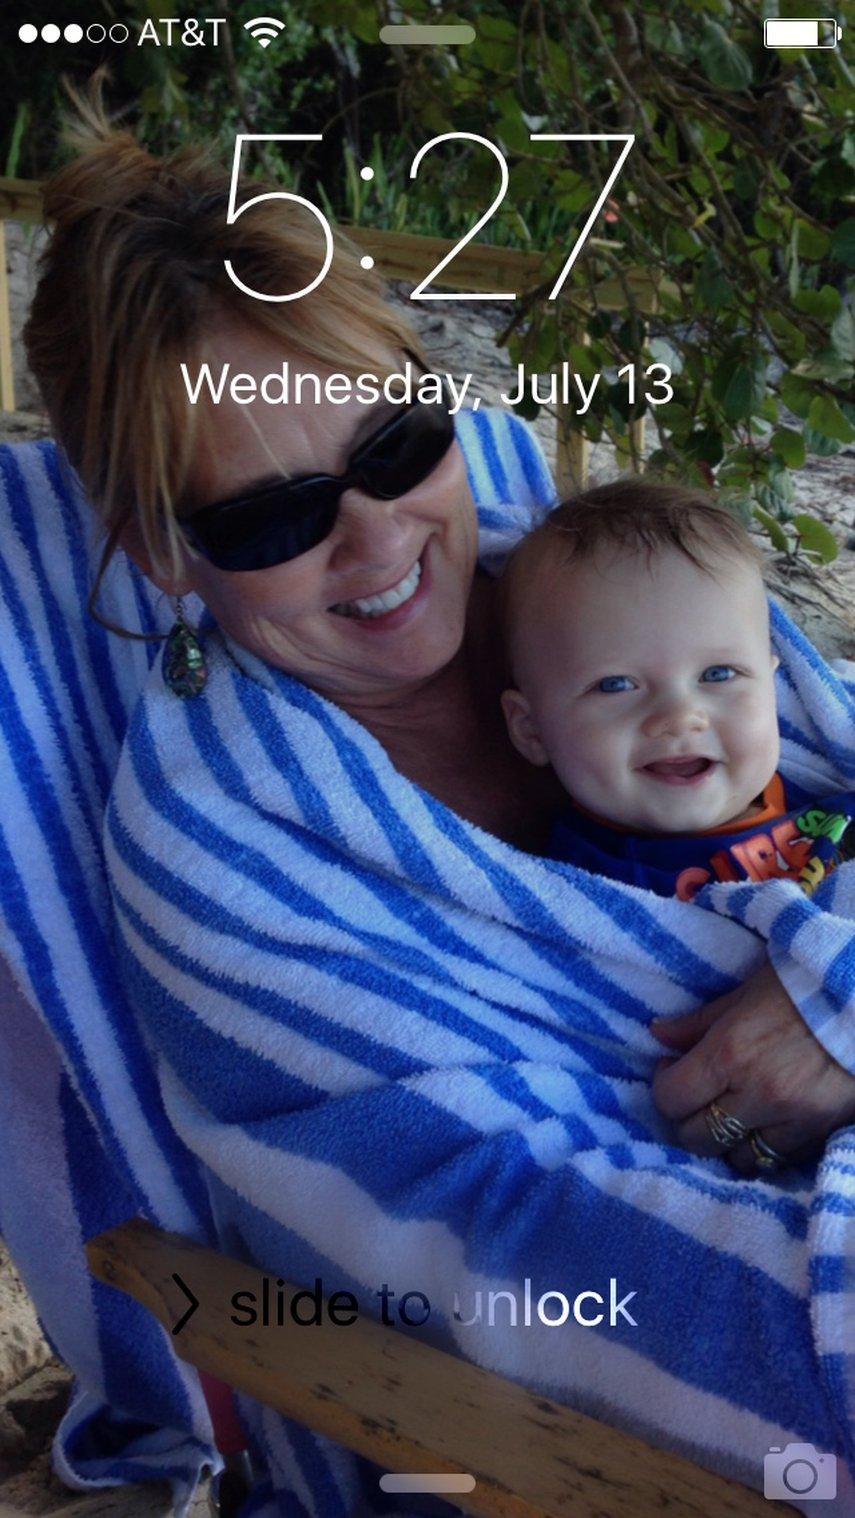 HAPPY TIMES IN ST JOHN USVI#VacationLife via @Vistana